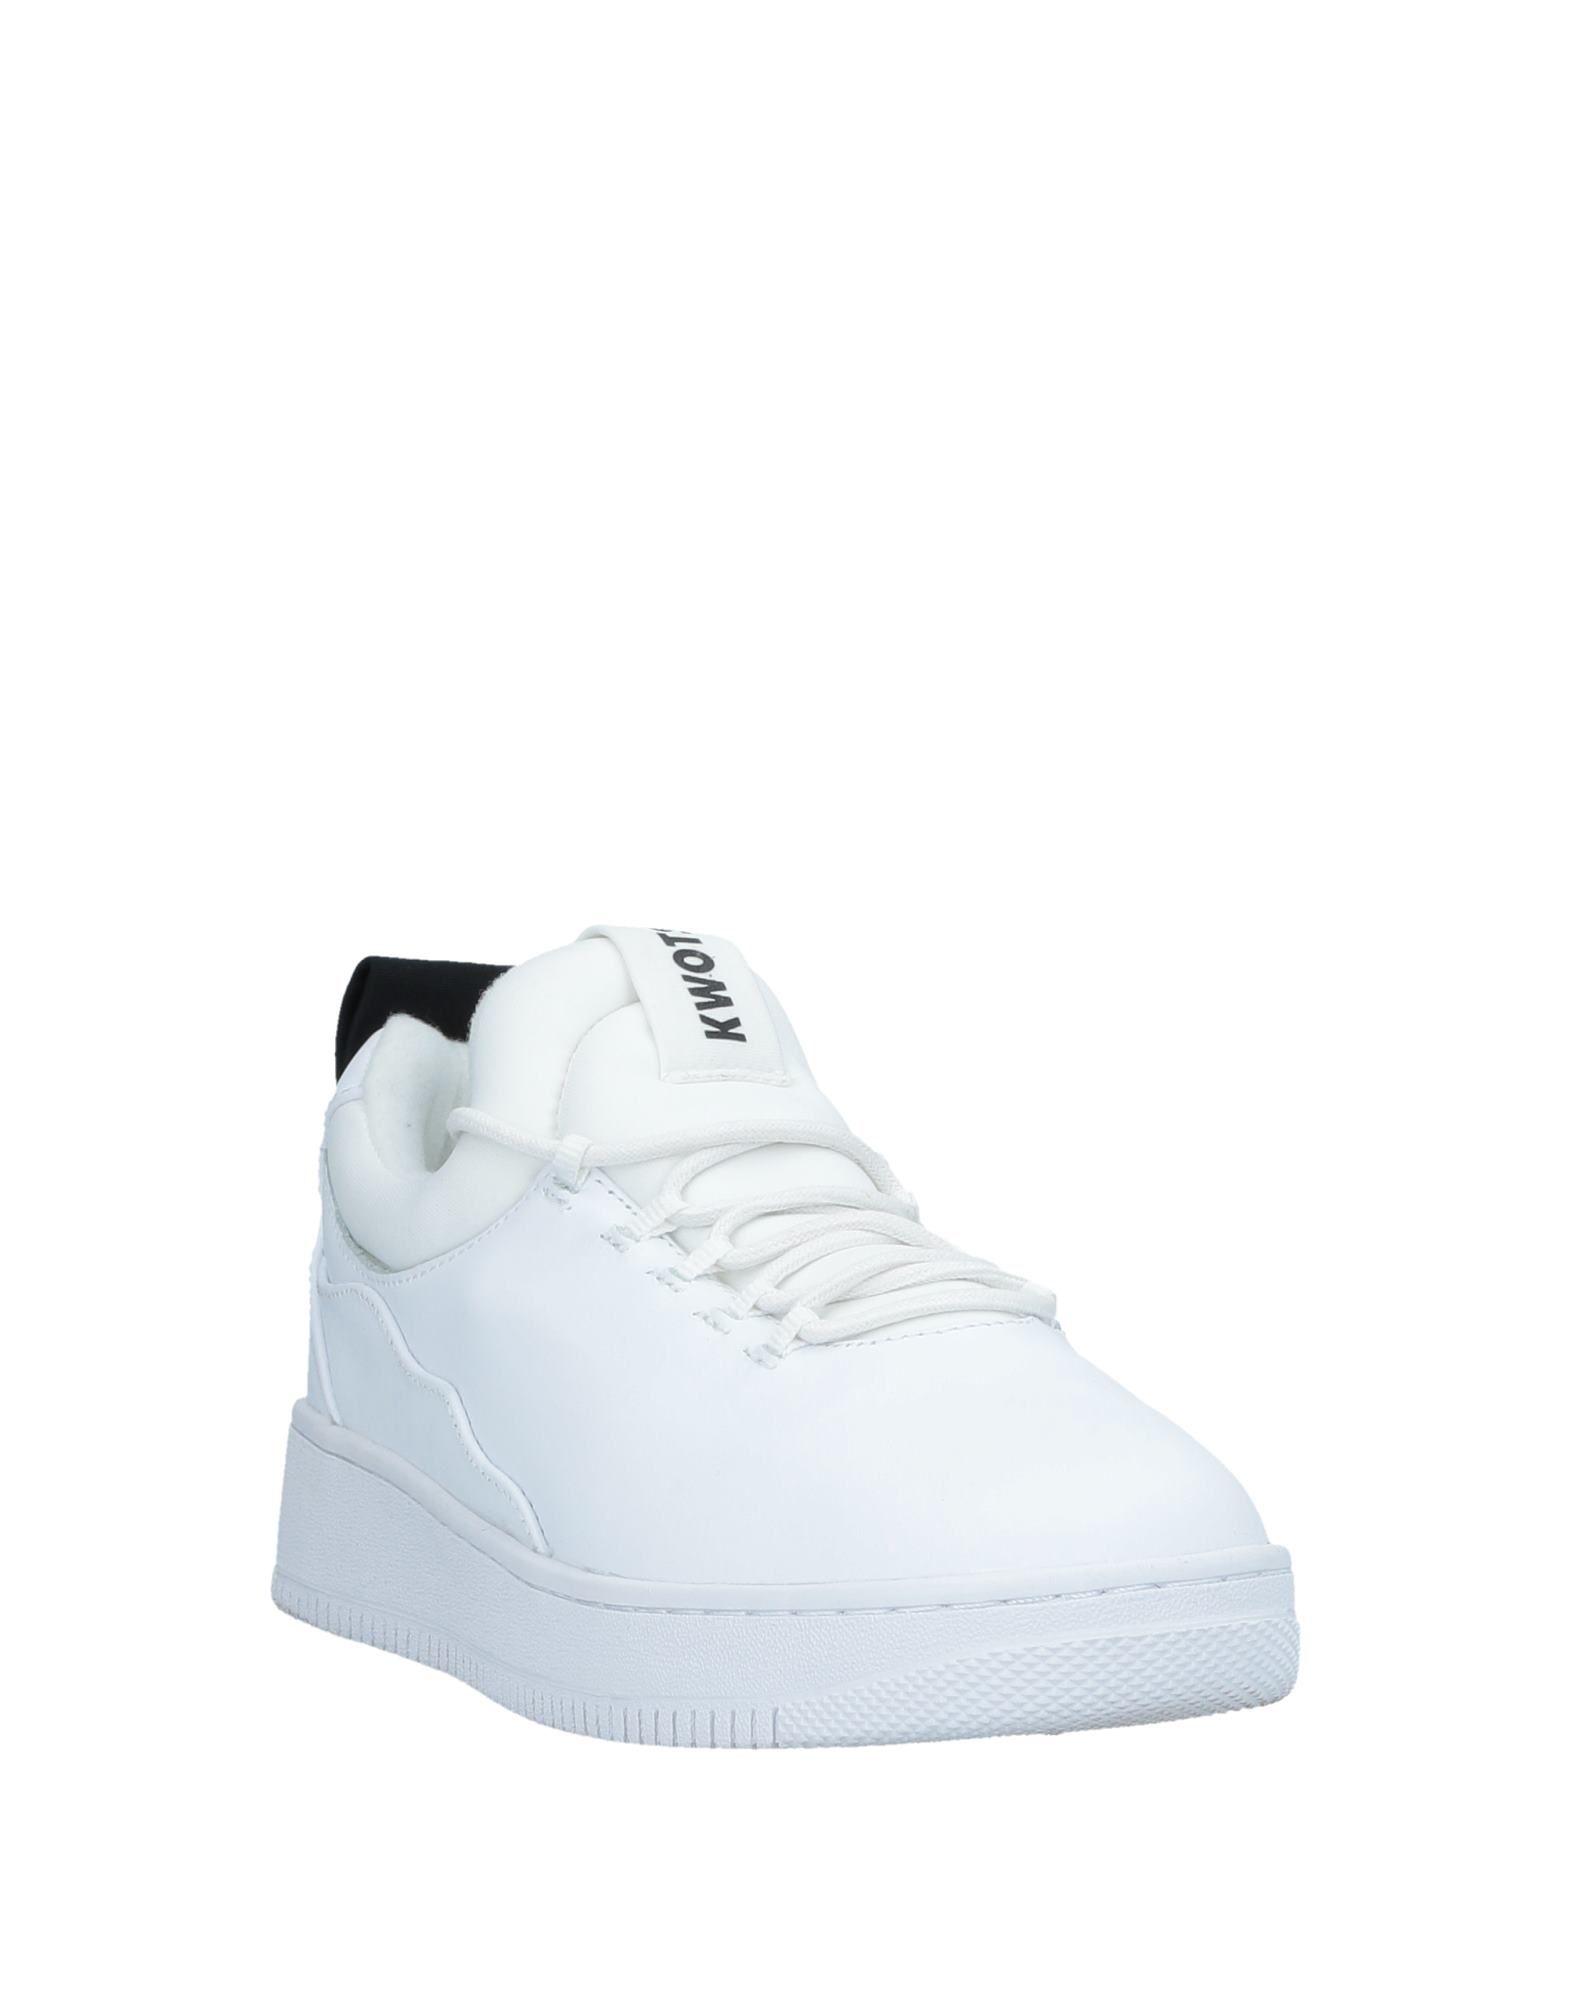 Rabatt Kwots echte Schuhe Kwots Rabatt Sneakers Herren  11532685CO 1b446a